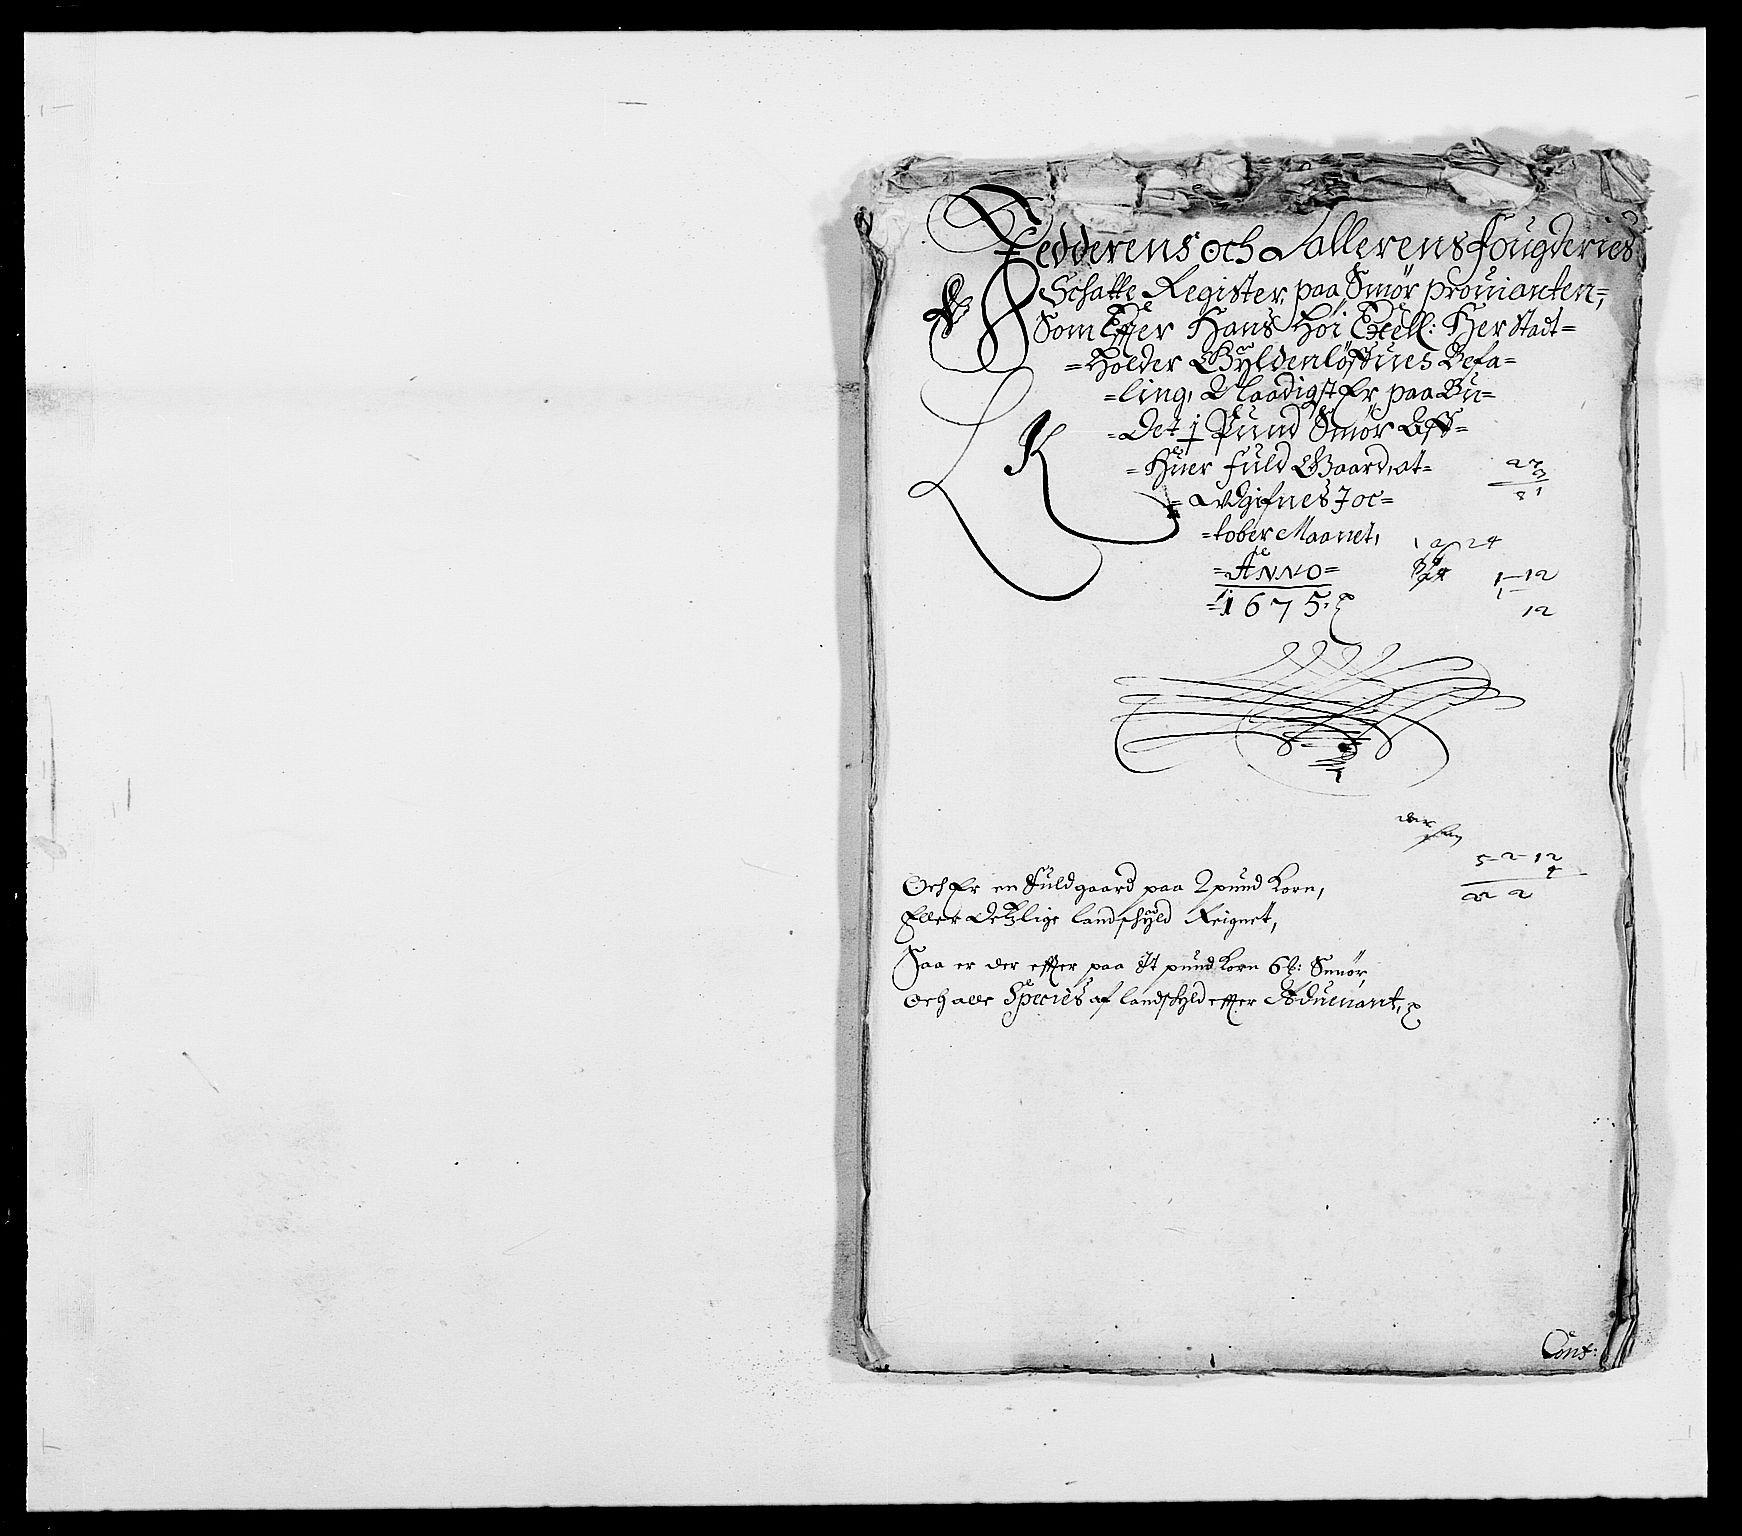 RA, Rentekammeret inntil 1814, Reviderte regnskaper, Fogderegnskap, R46/L2715: Fogderegnskap Jæren og Dalane, 1675, s. 274